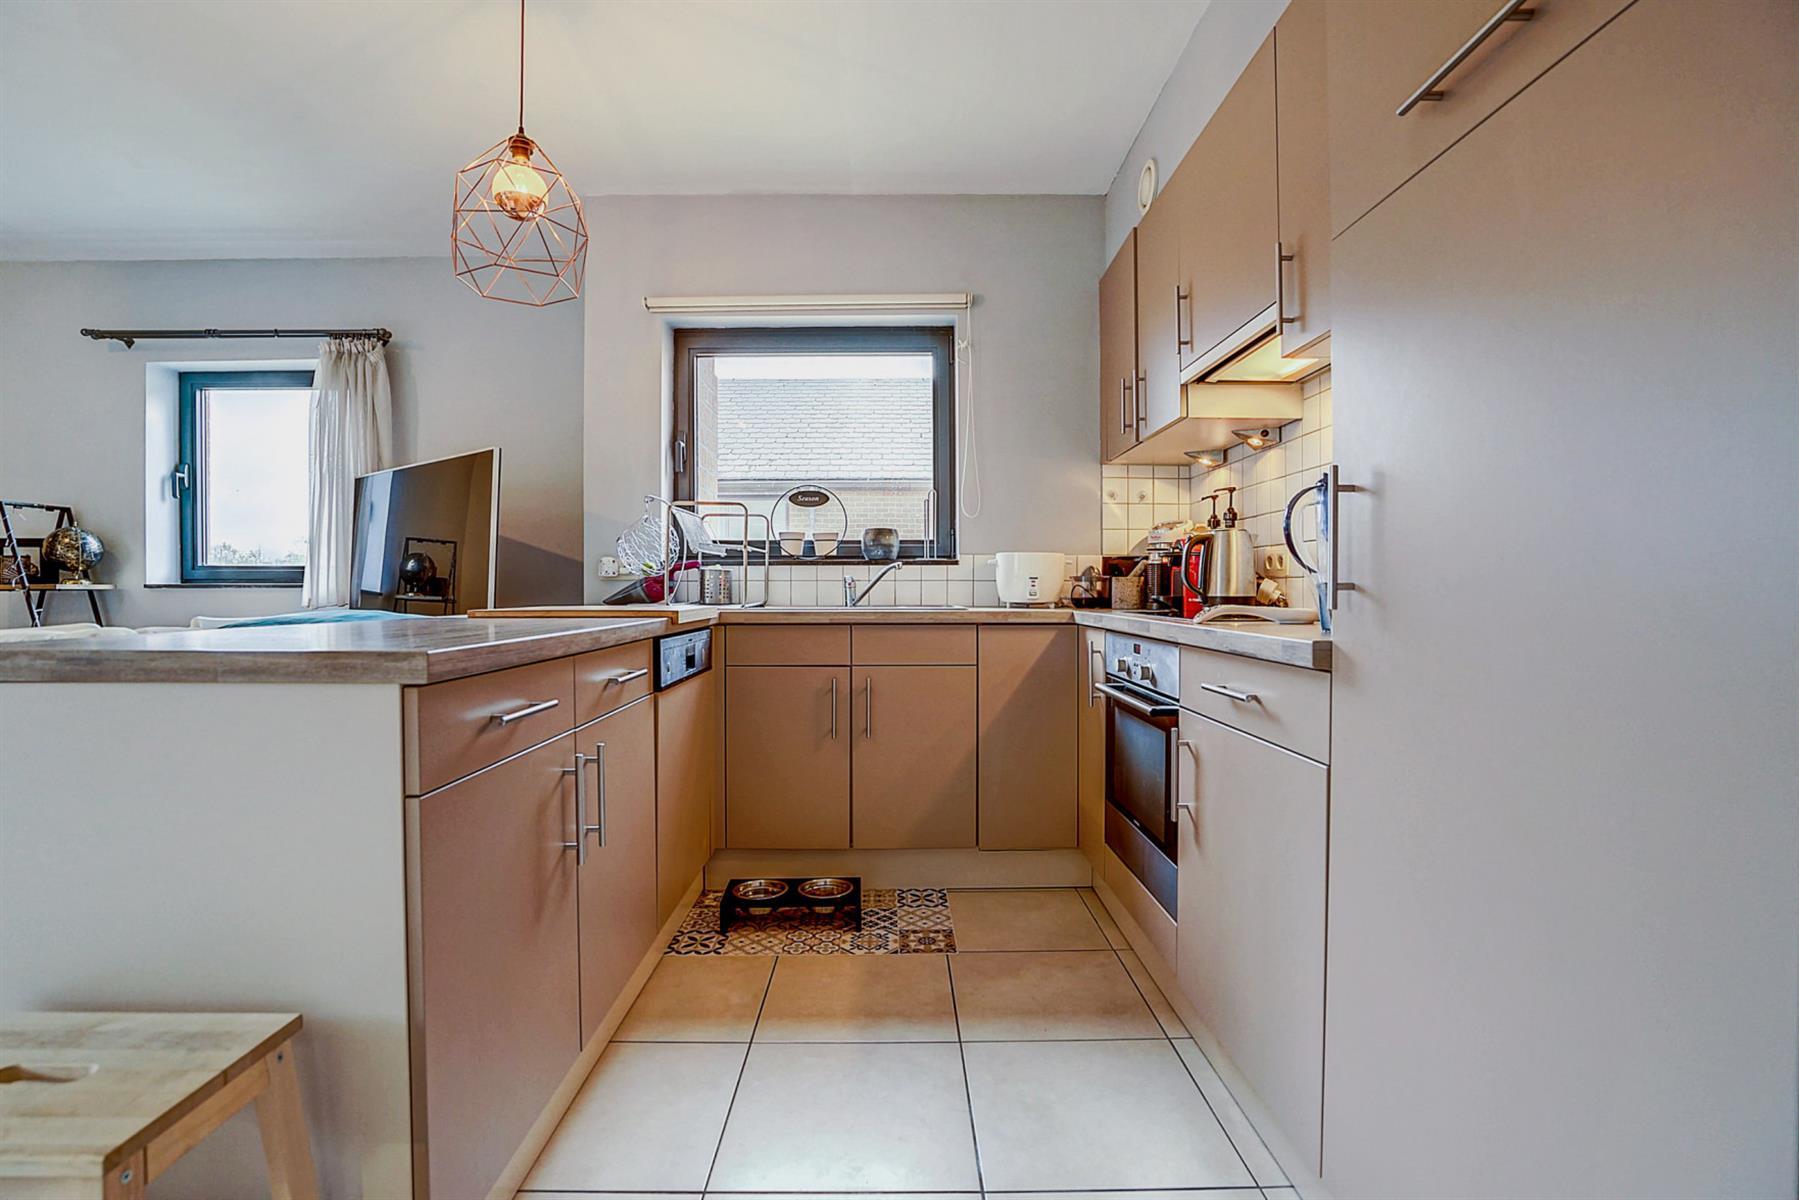 Appartement - Ottignies-louvain-la-neuve - #4505964-11